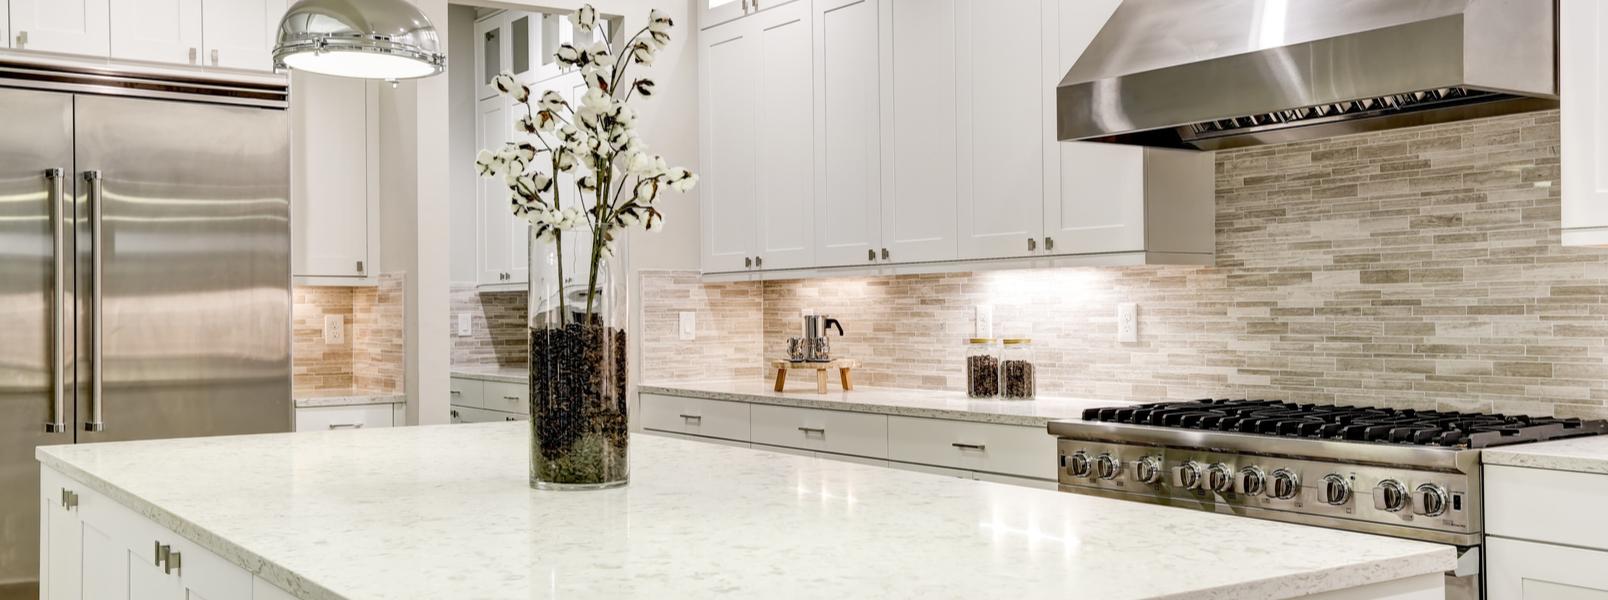 Fabriquer Des Portes D Armoires De Cuisine armoires de cuisine | lesquelles choisir et pourquoi? | prix